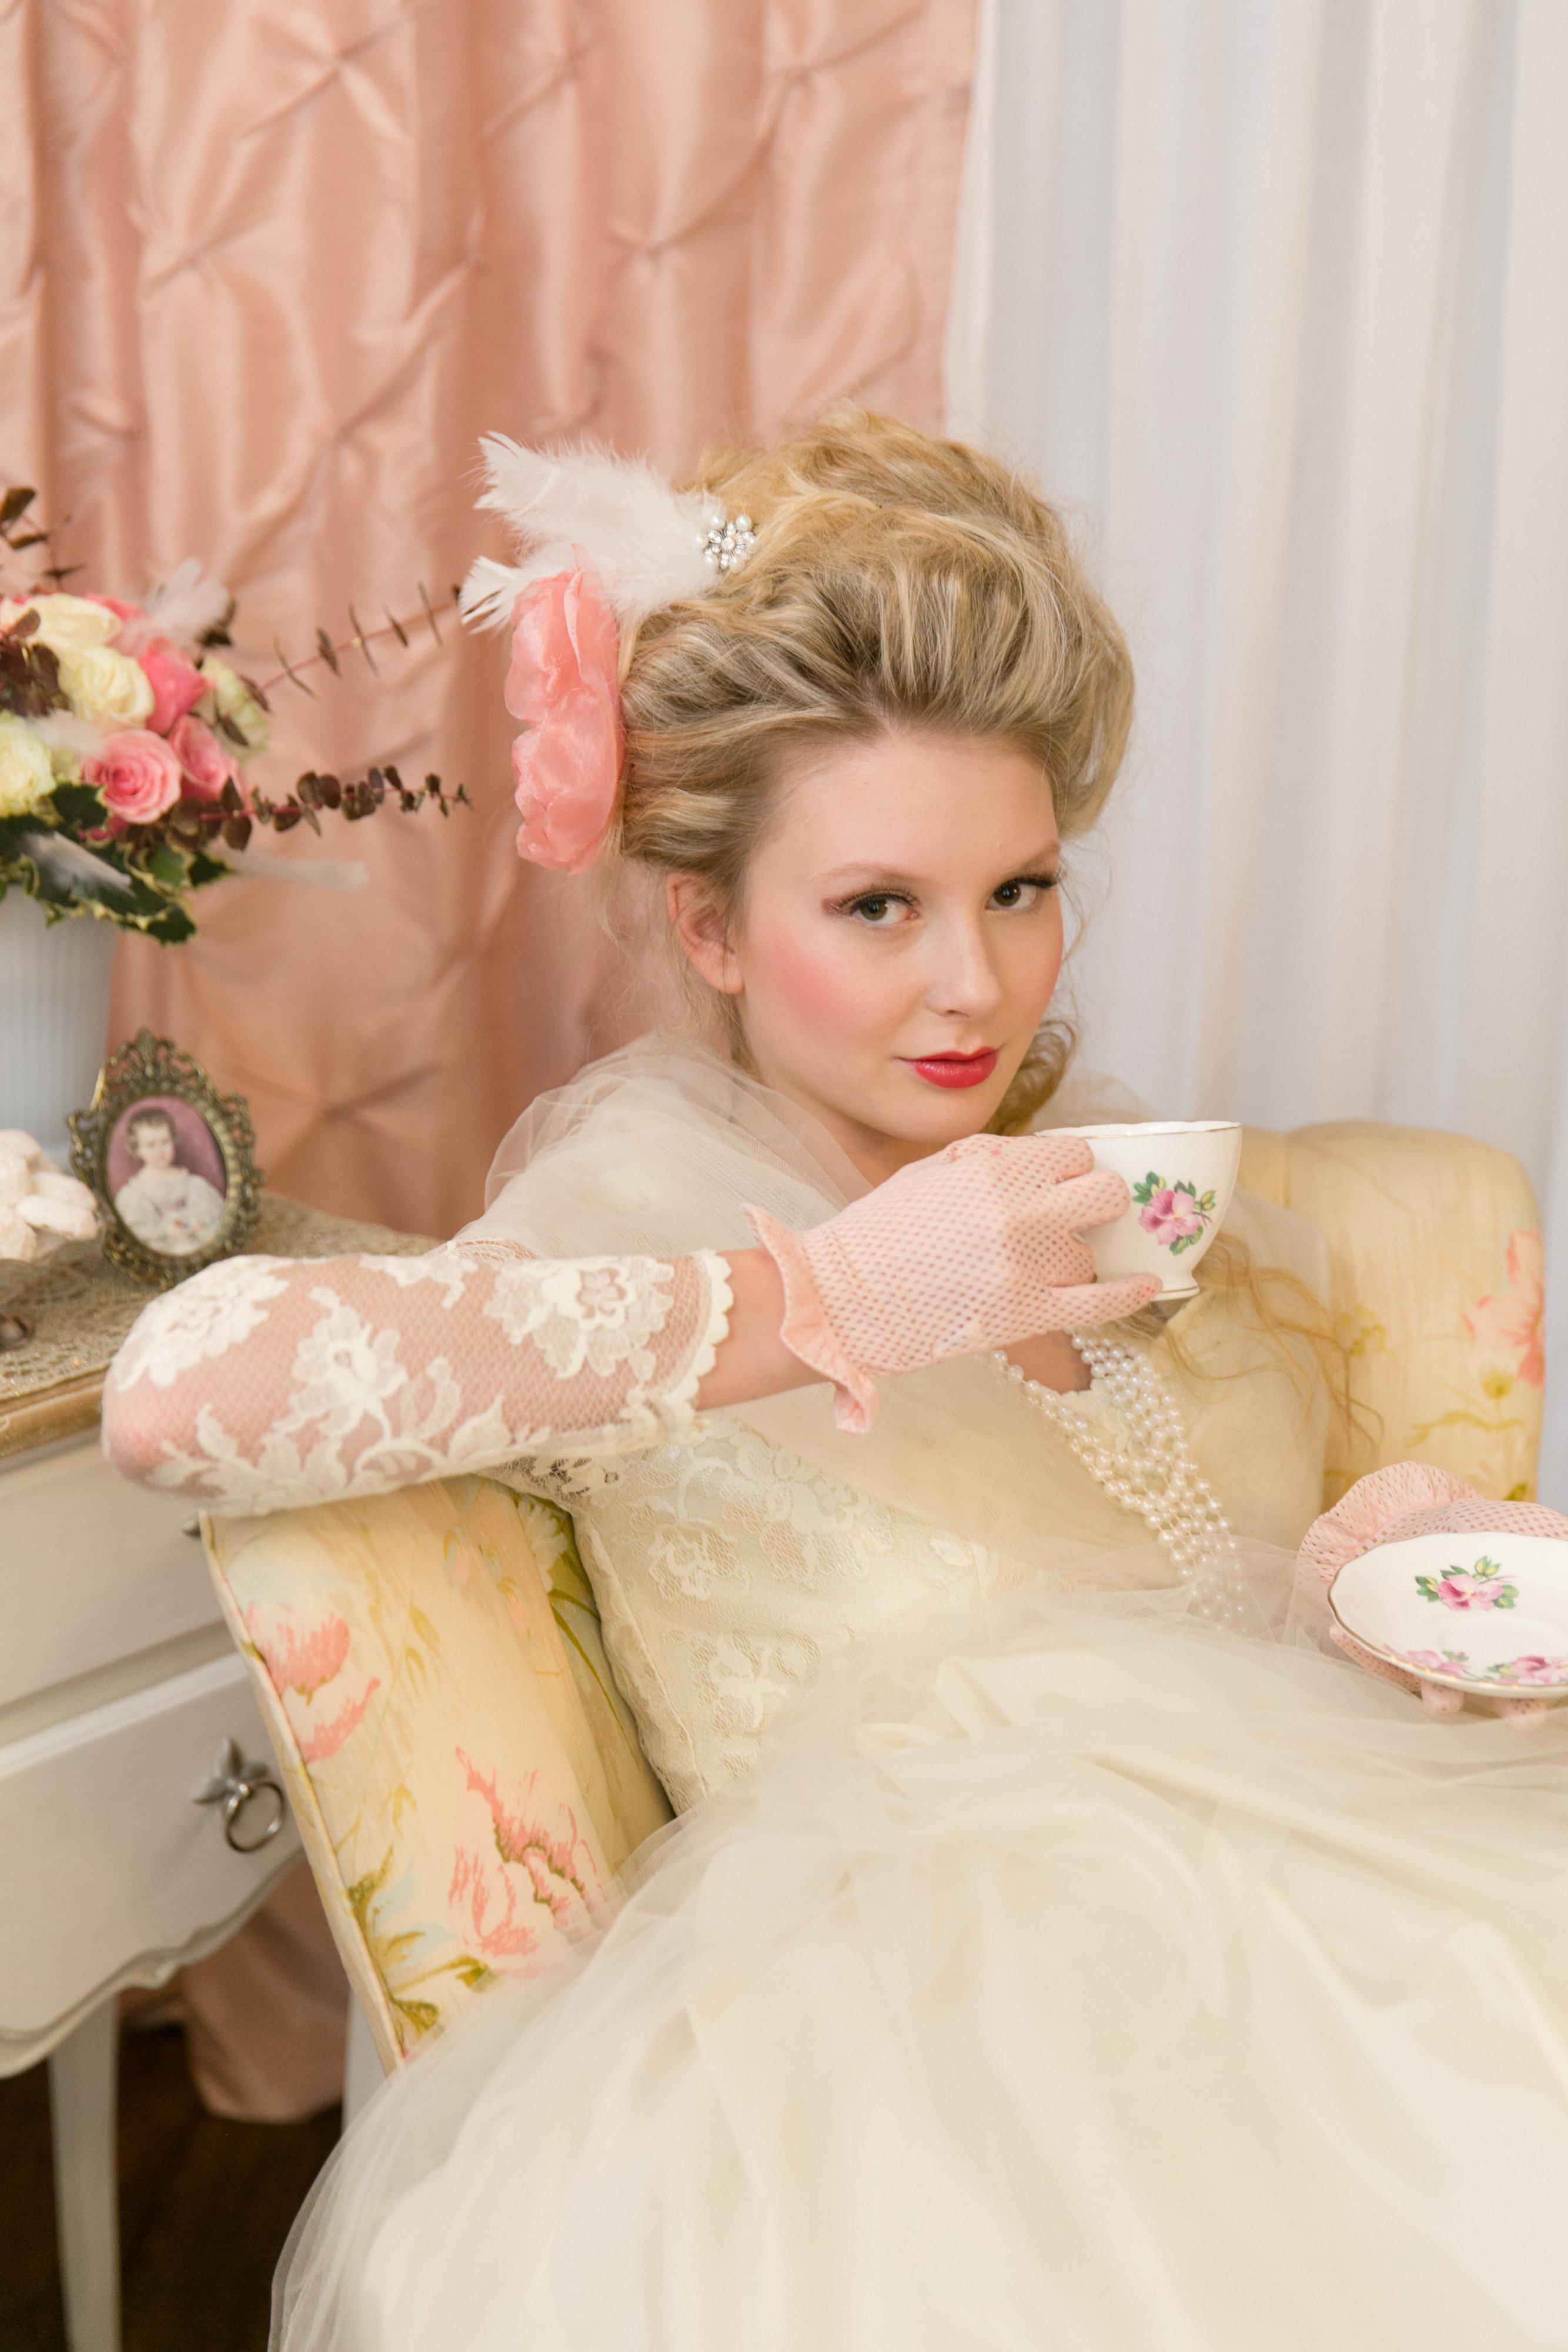 Marie Antoinette Bests (21)